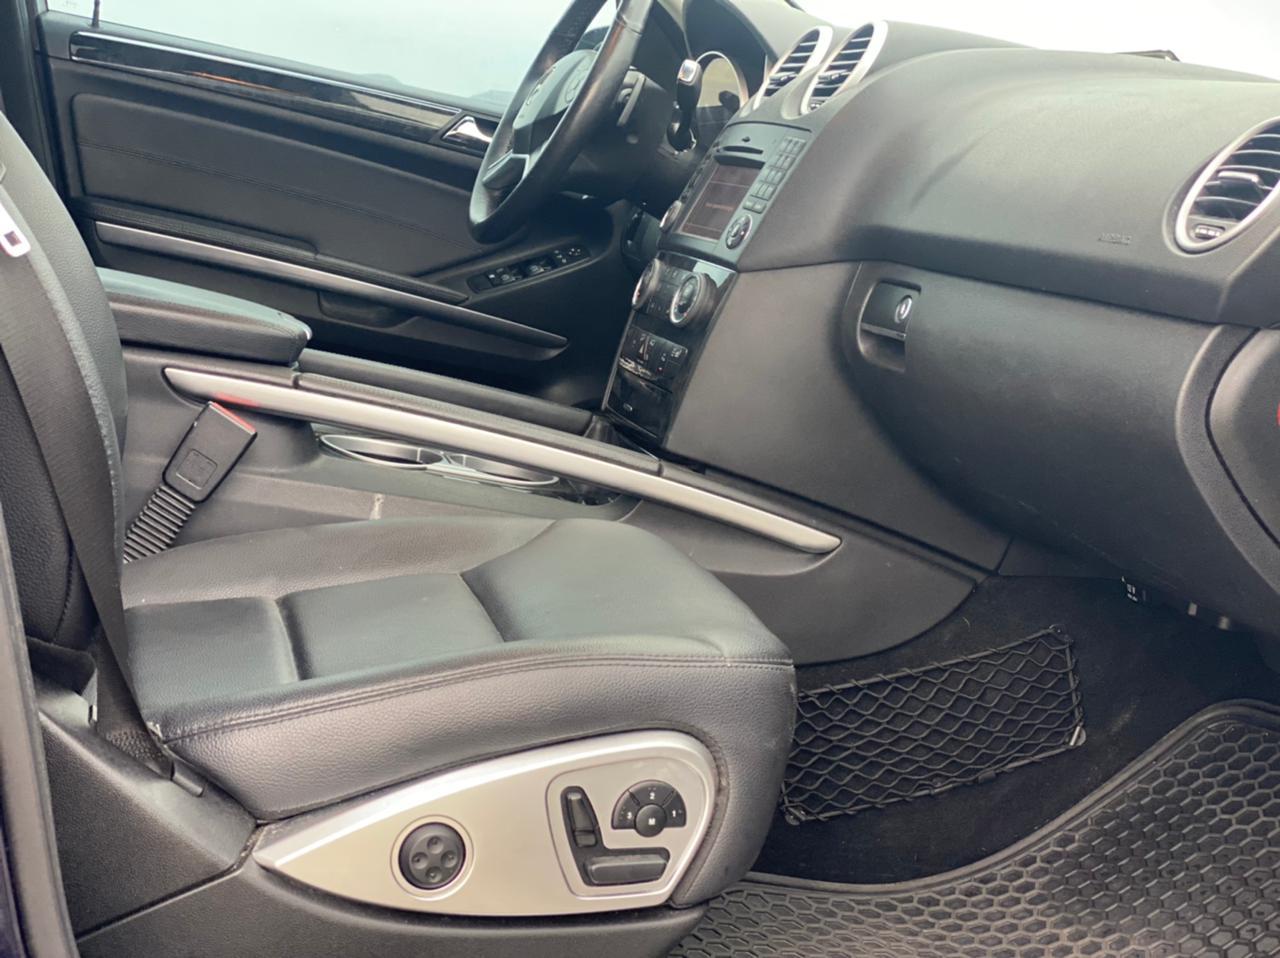 Mercedes Benz ML 320 Bluetec ne Shitje - NRG Motors